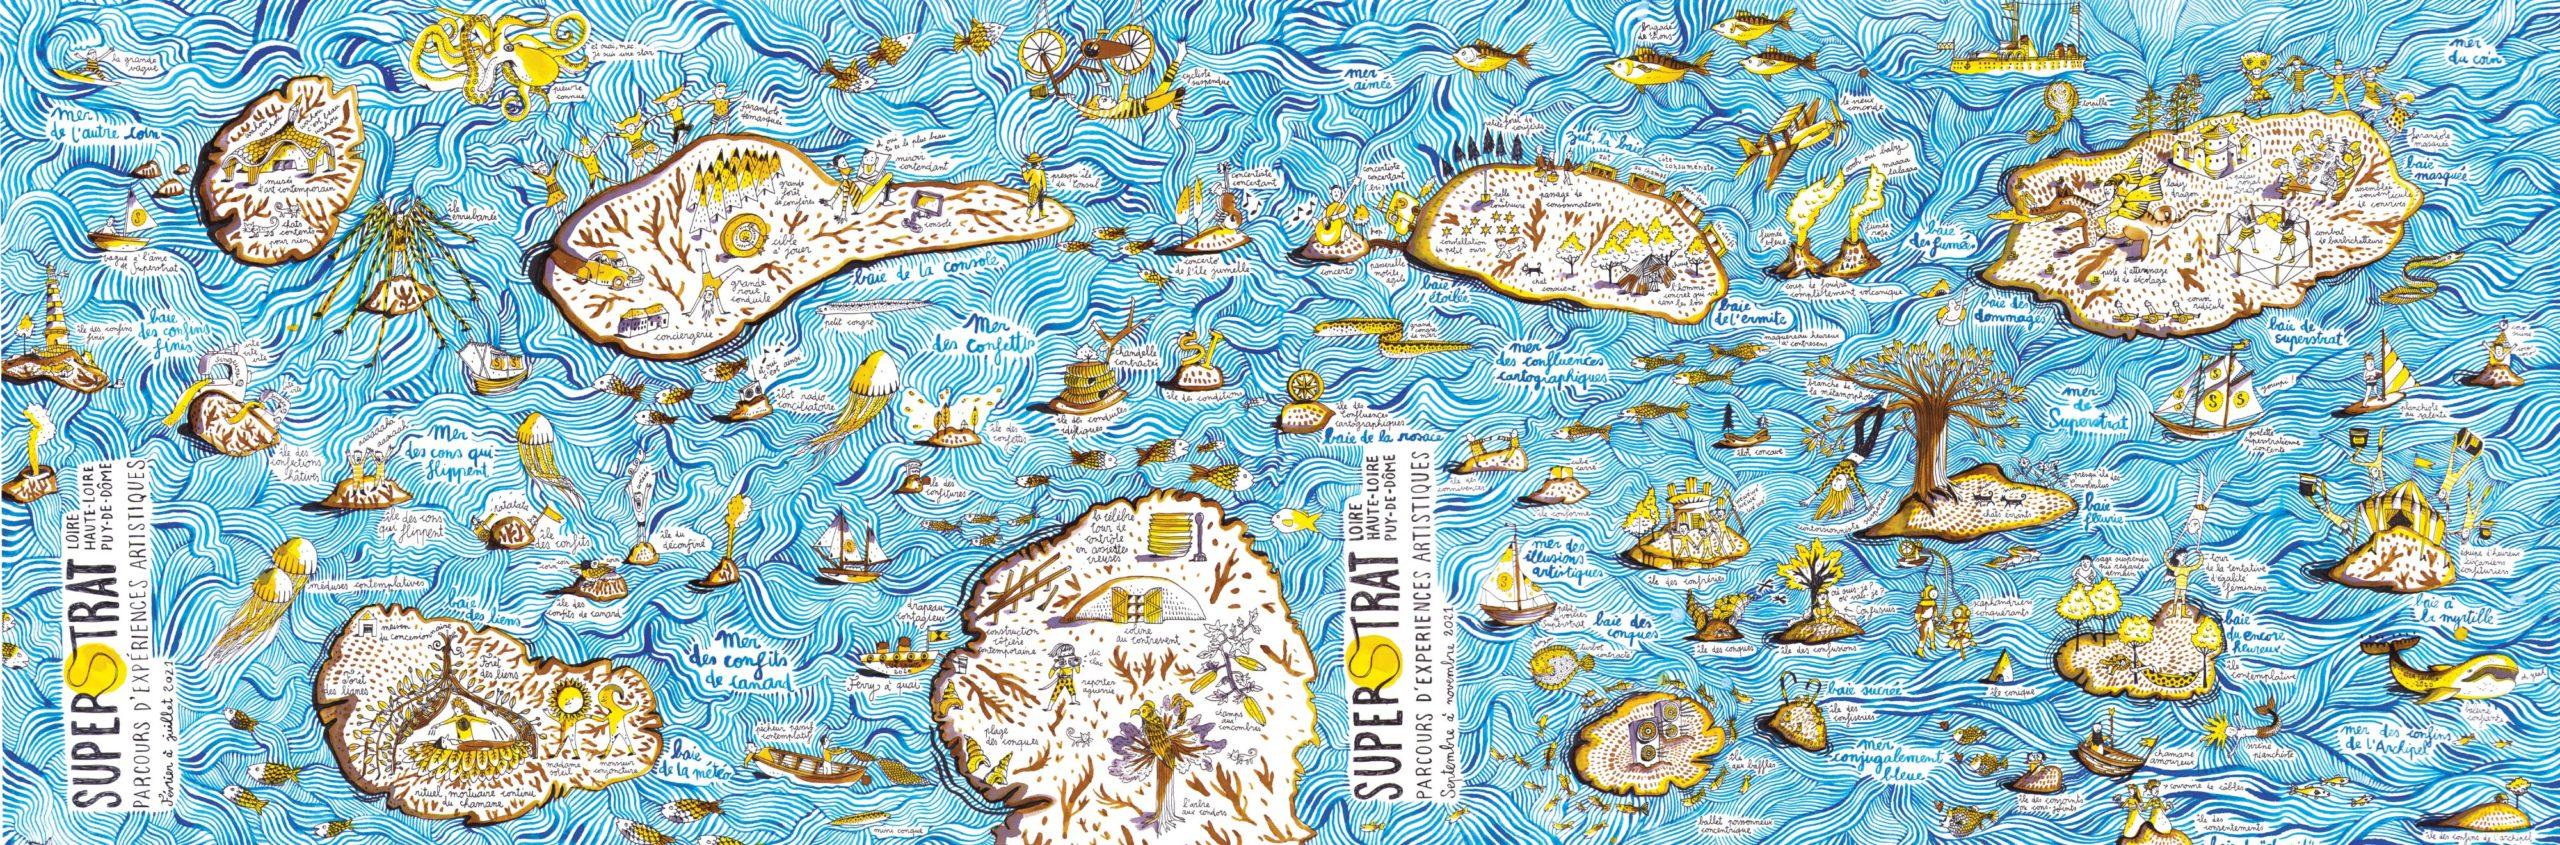 cartographie 2021